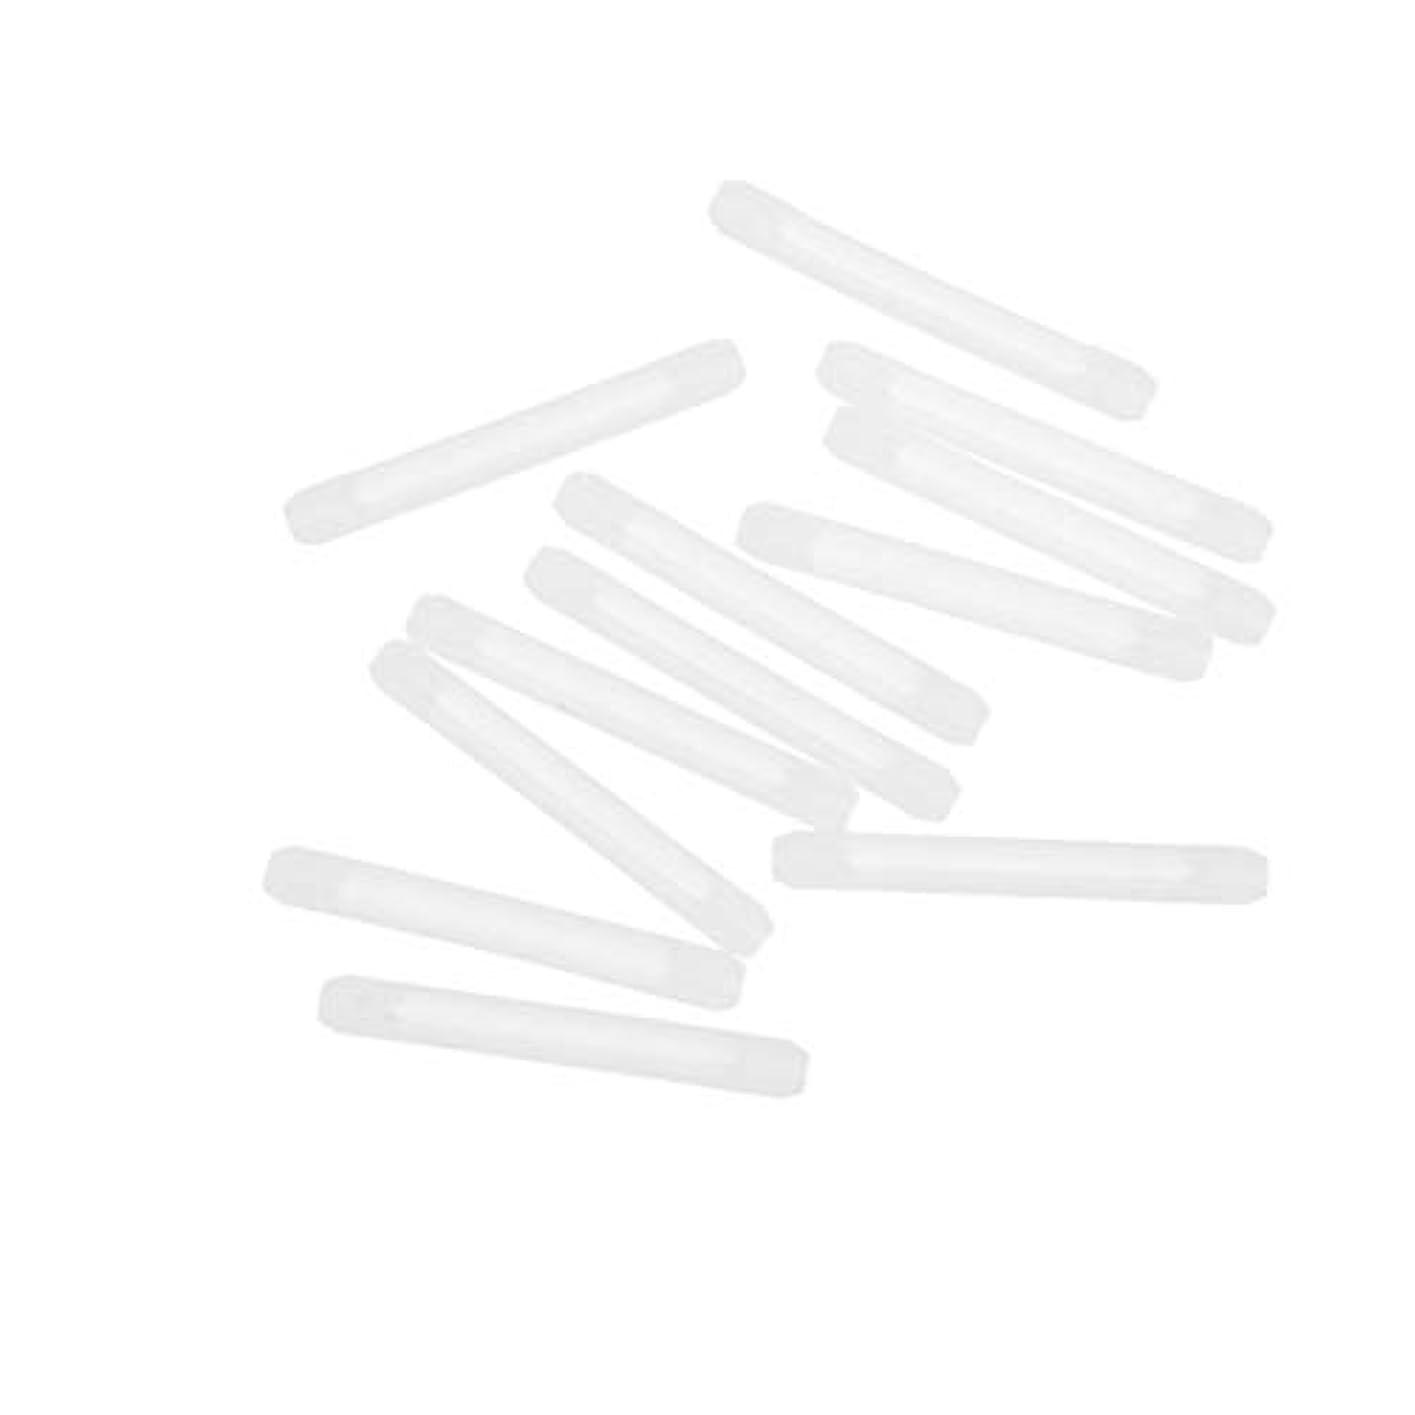 先シミュレートするハチHealifty メガネホルダー滑り止めシリコンメガネアクセサリー20pcs(ホワイト)